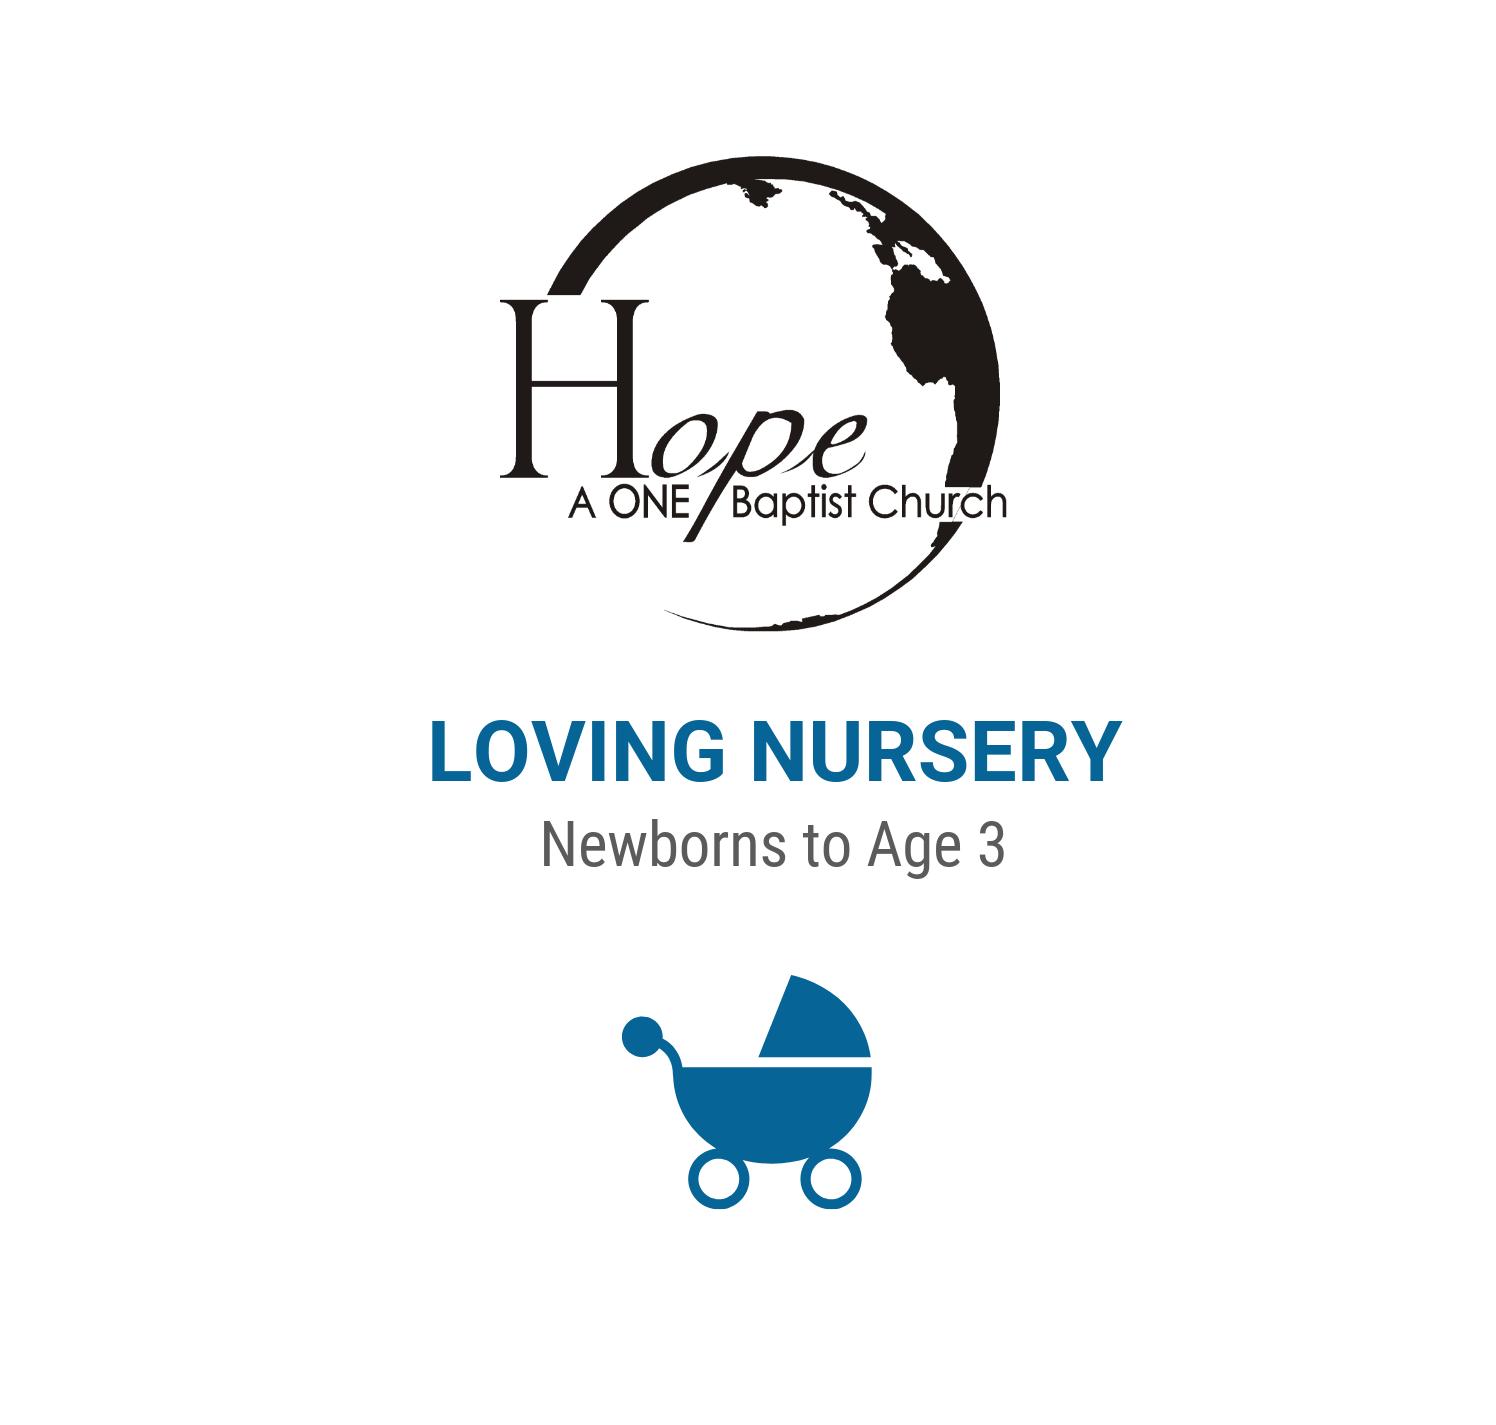 Loving Nursery